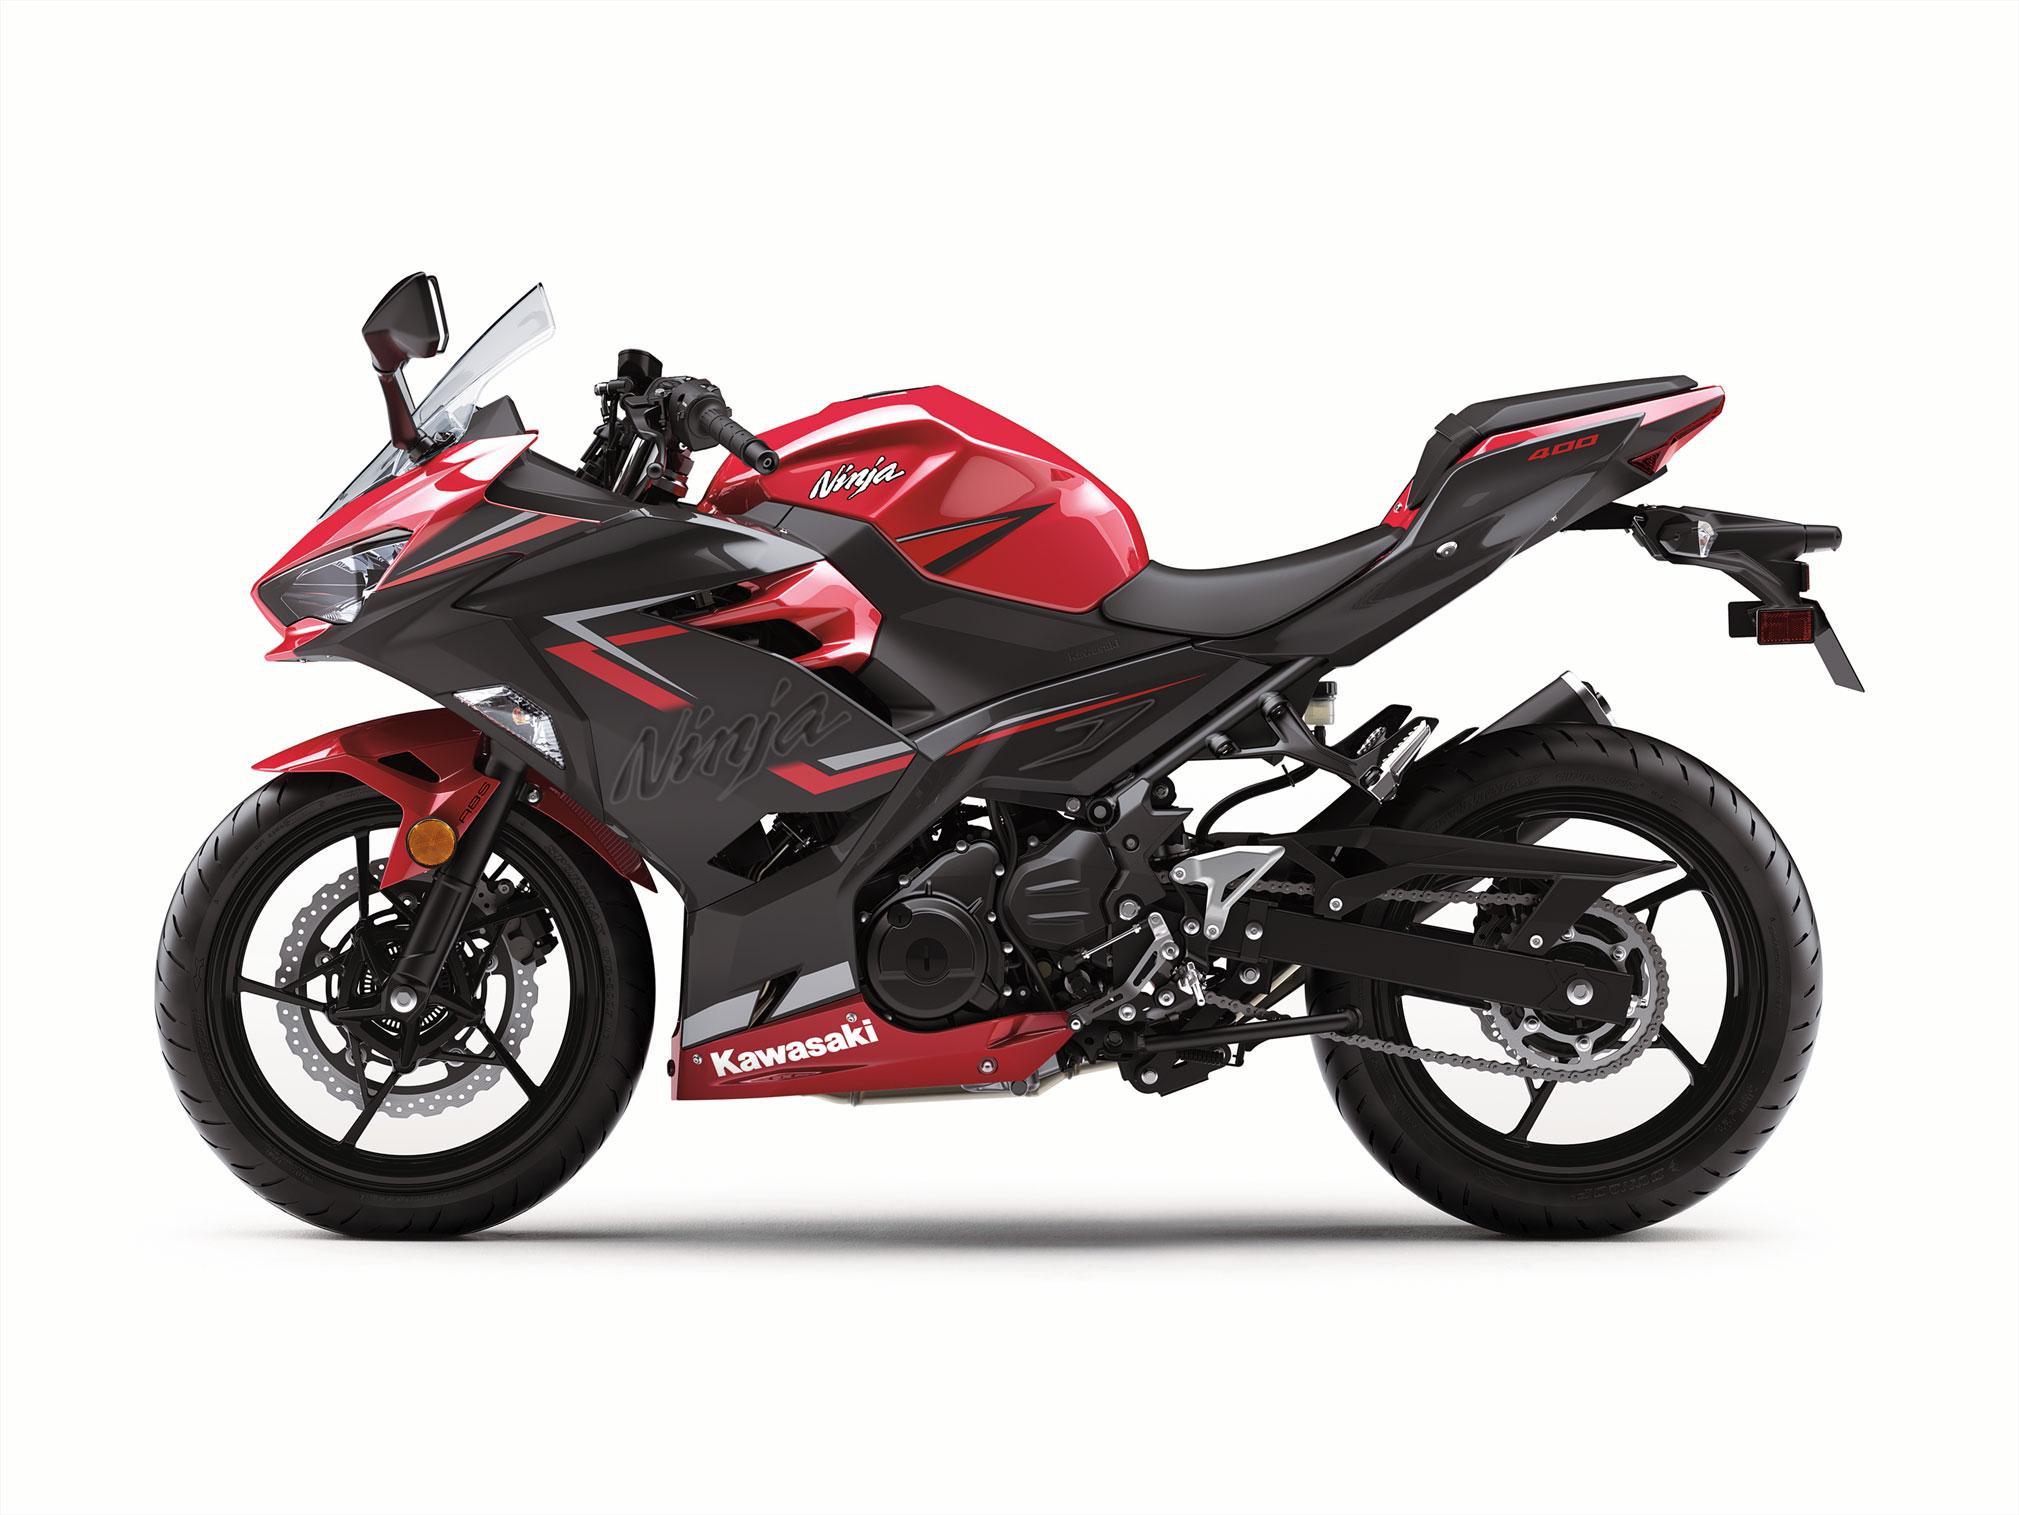 2019 Kawasaki Ninja 400 Abs Guide Total Motorcycle